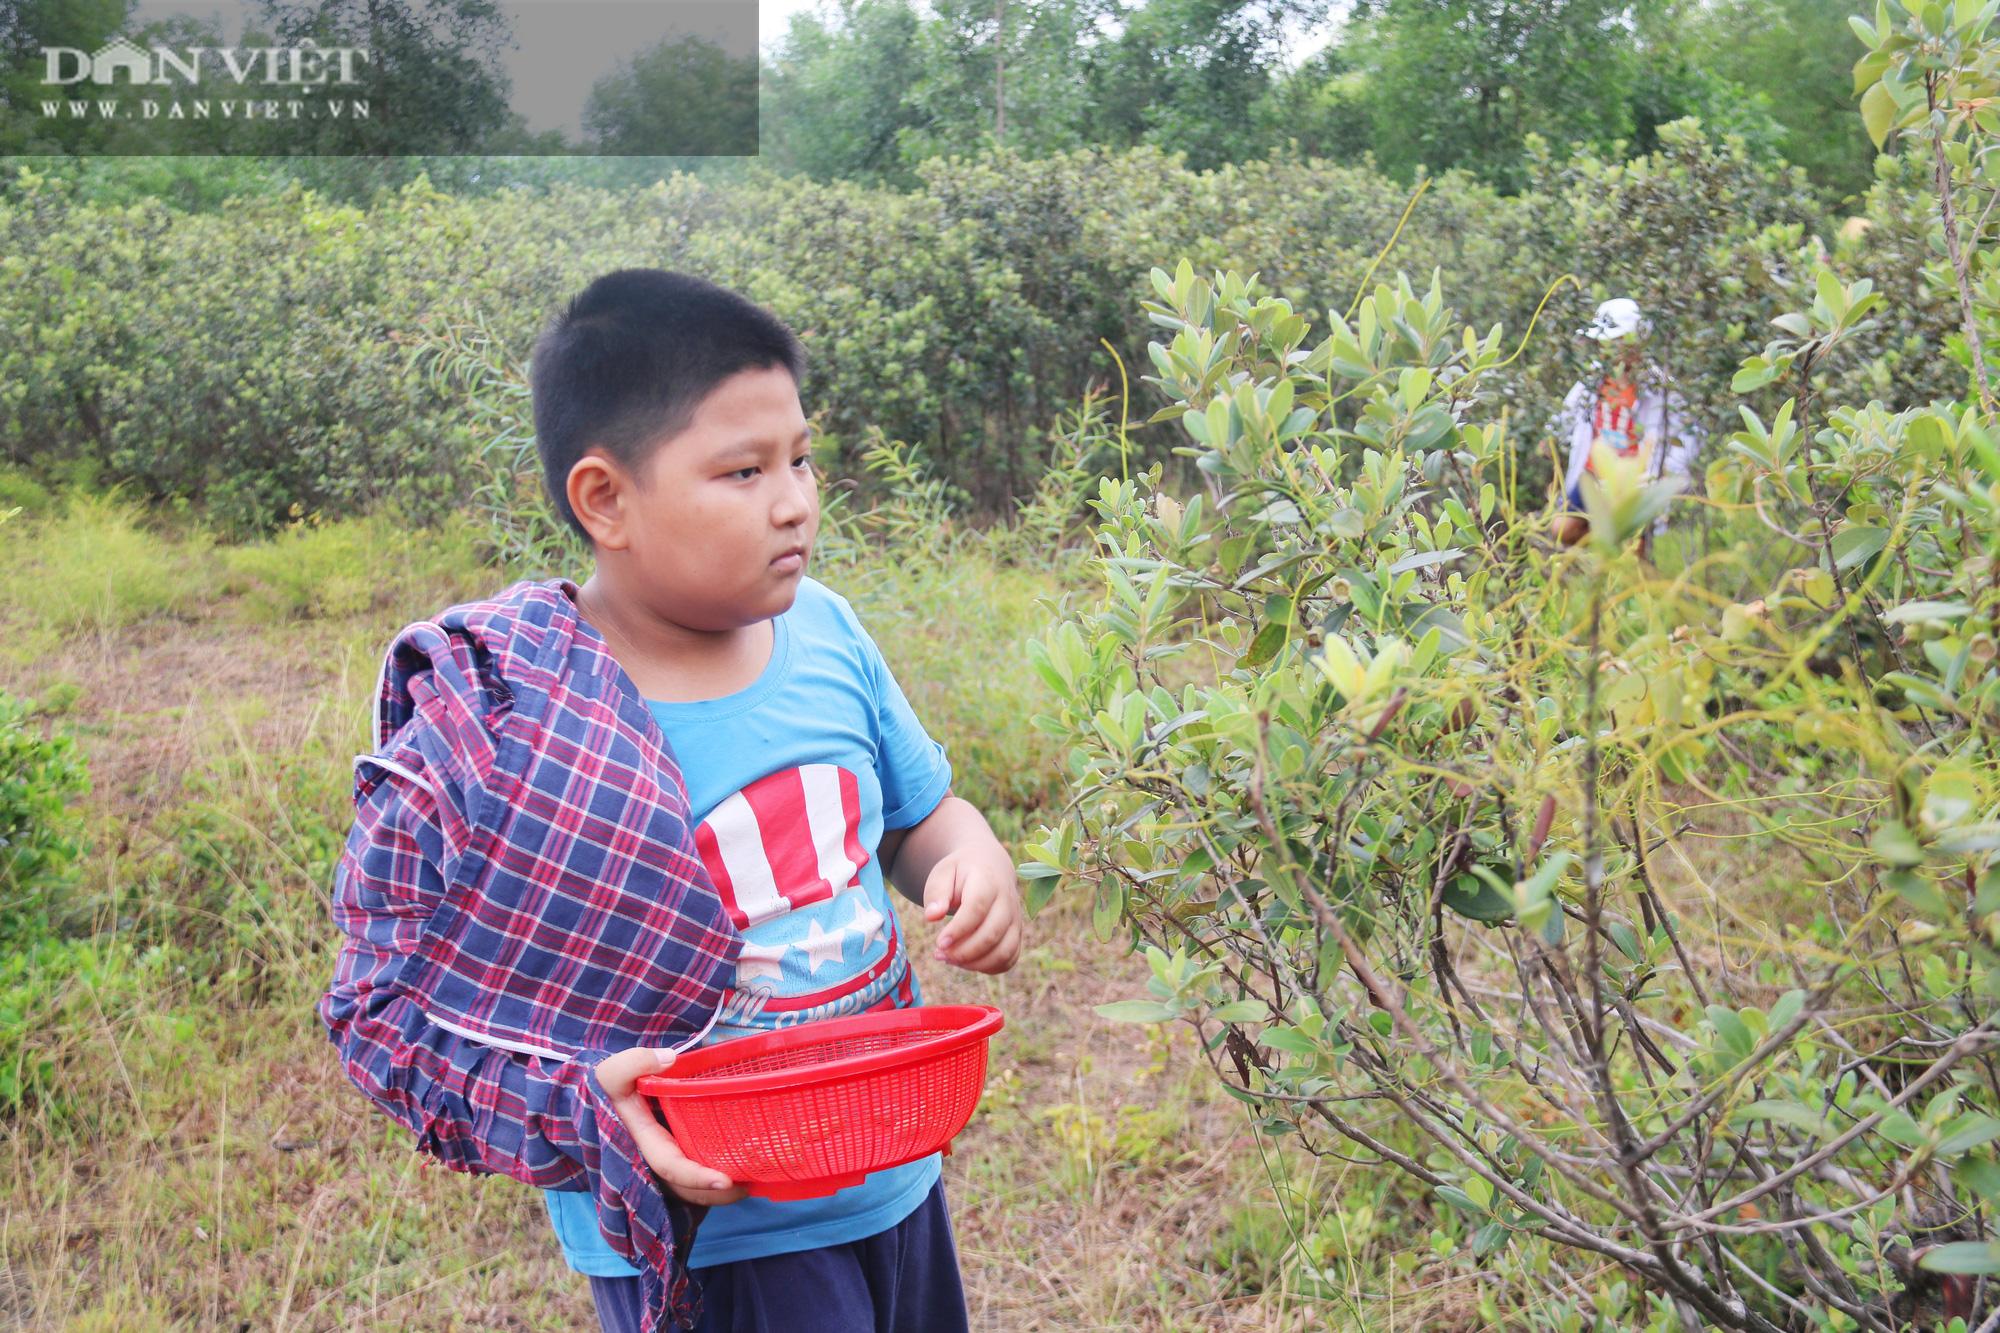 Hà Tĩnh: Người dân đổ xô lên đồi hái sim rừng, kiếm tiền triệu mỗi ngày - Ảnh 8.